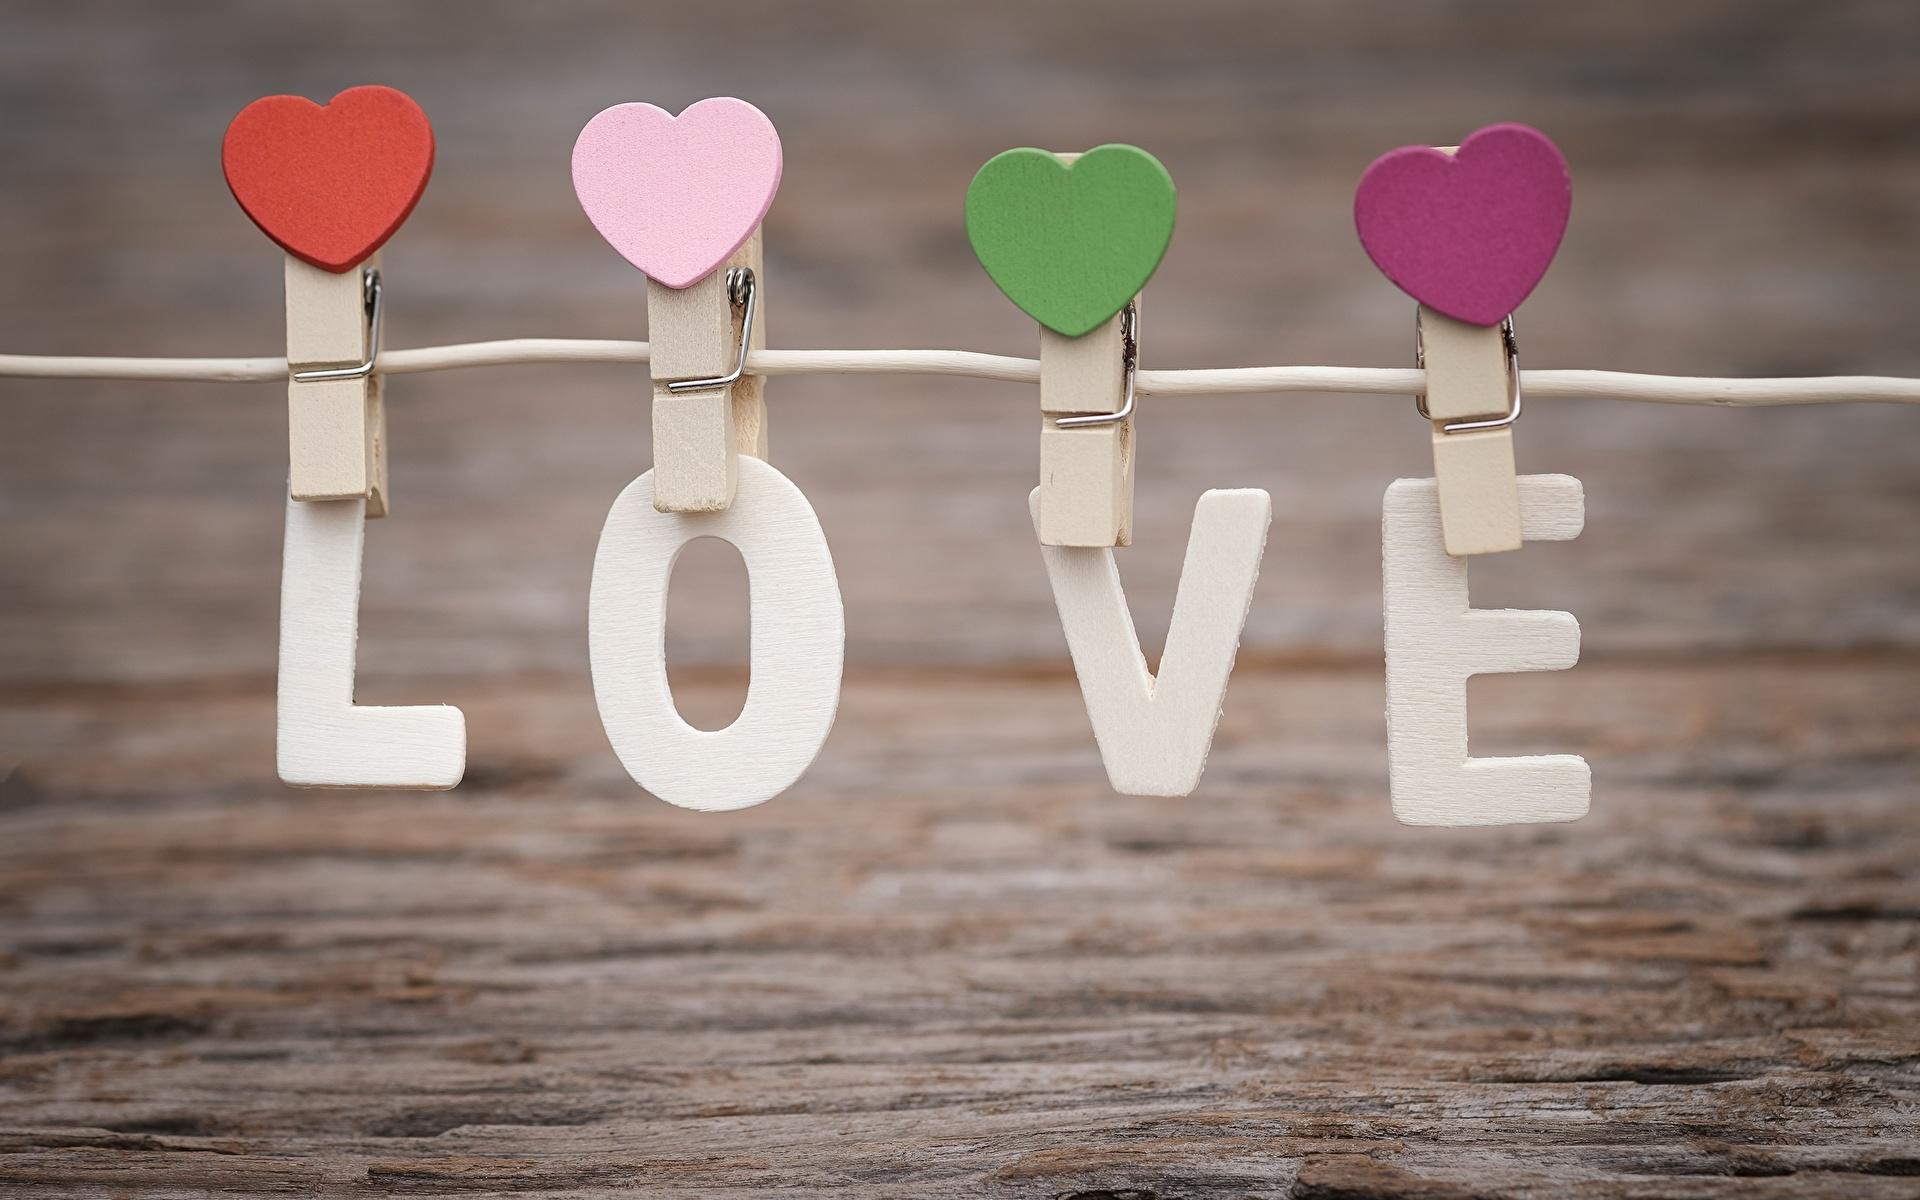 Фотография День святого Валентина английская Сердце Прищепки Слово - Надпись 1920x1200 День всех влюблённых Английский инглийские серце сердца сердечко слова текст